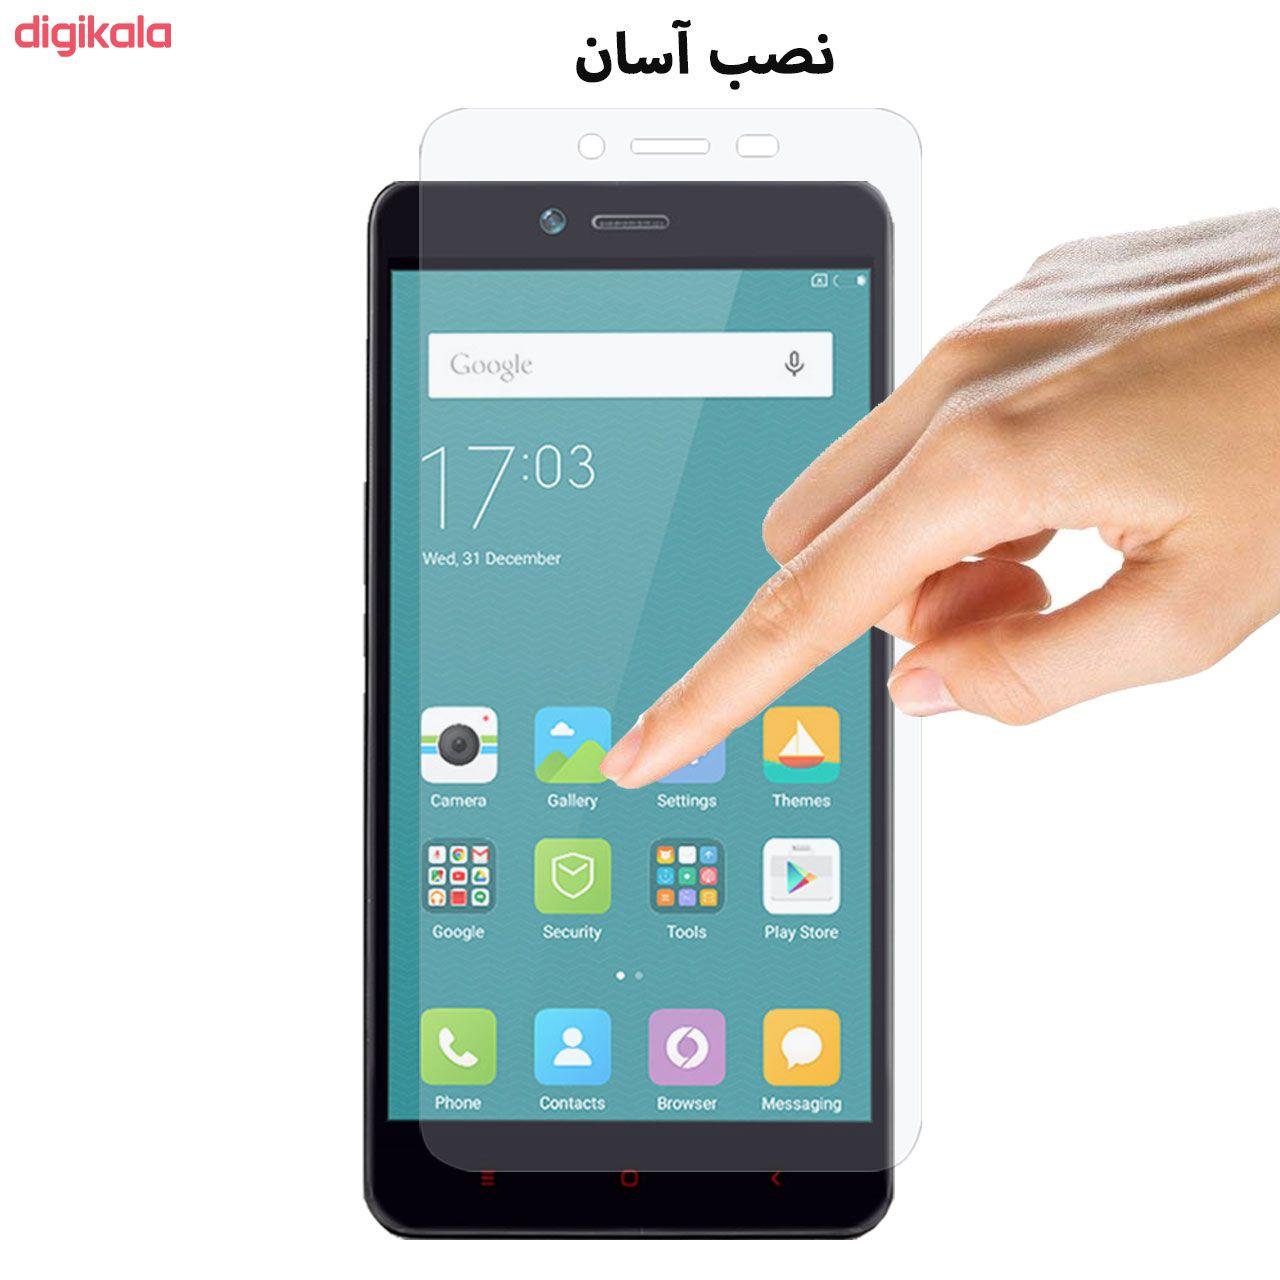 محافظ صفحه نمایش تراستکتور مدل GLS مناسب برای گوشی موبایل شیائومی Redmi Note 2 / Redmi Note 2 Prime main 1 4